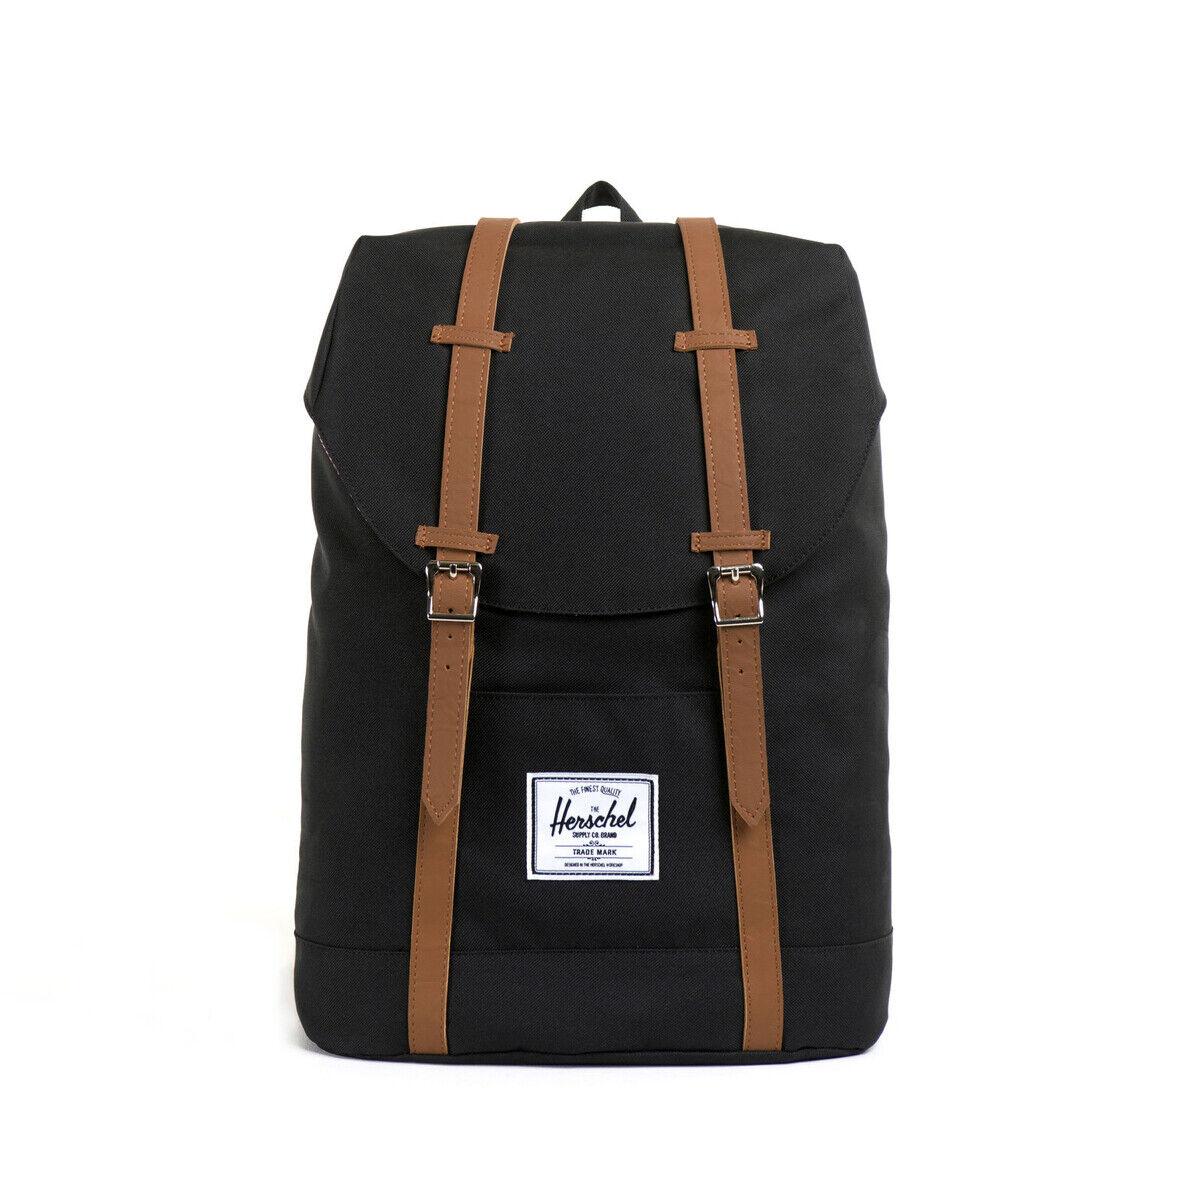 Herschel Retreat Backpack Laptop Rucksack Trekkingrucksack Schulrucksack 10066